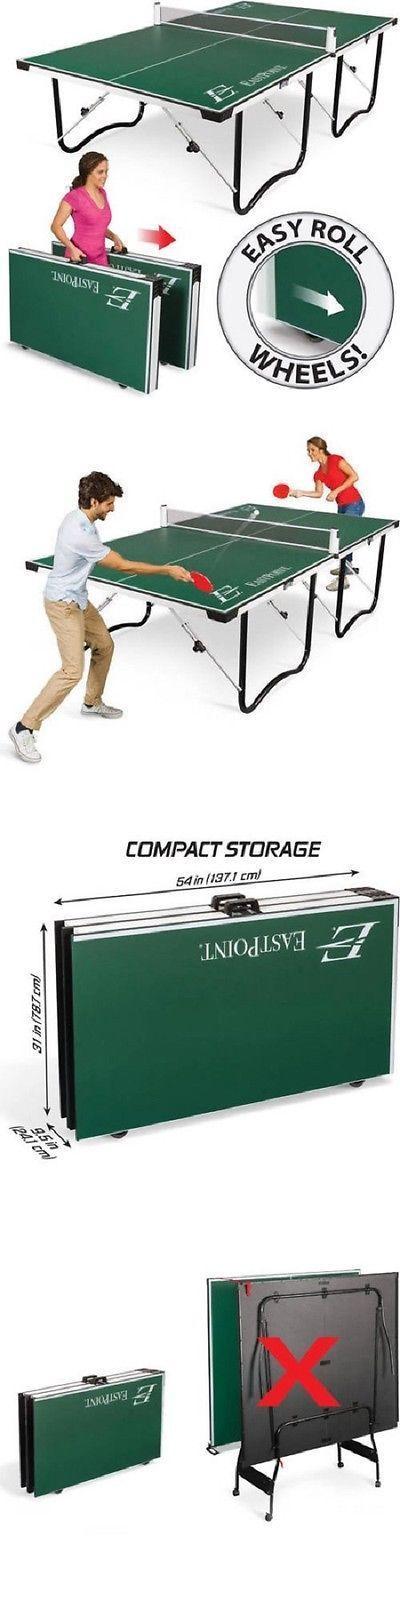 Photo of Tische 97075: Indoor Outdoor Folding Compact Tischtennis Aufbewahrung Spielzimmer Arcade …, #arcade …